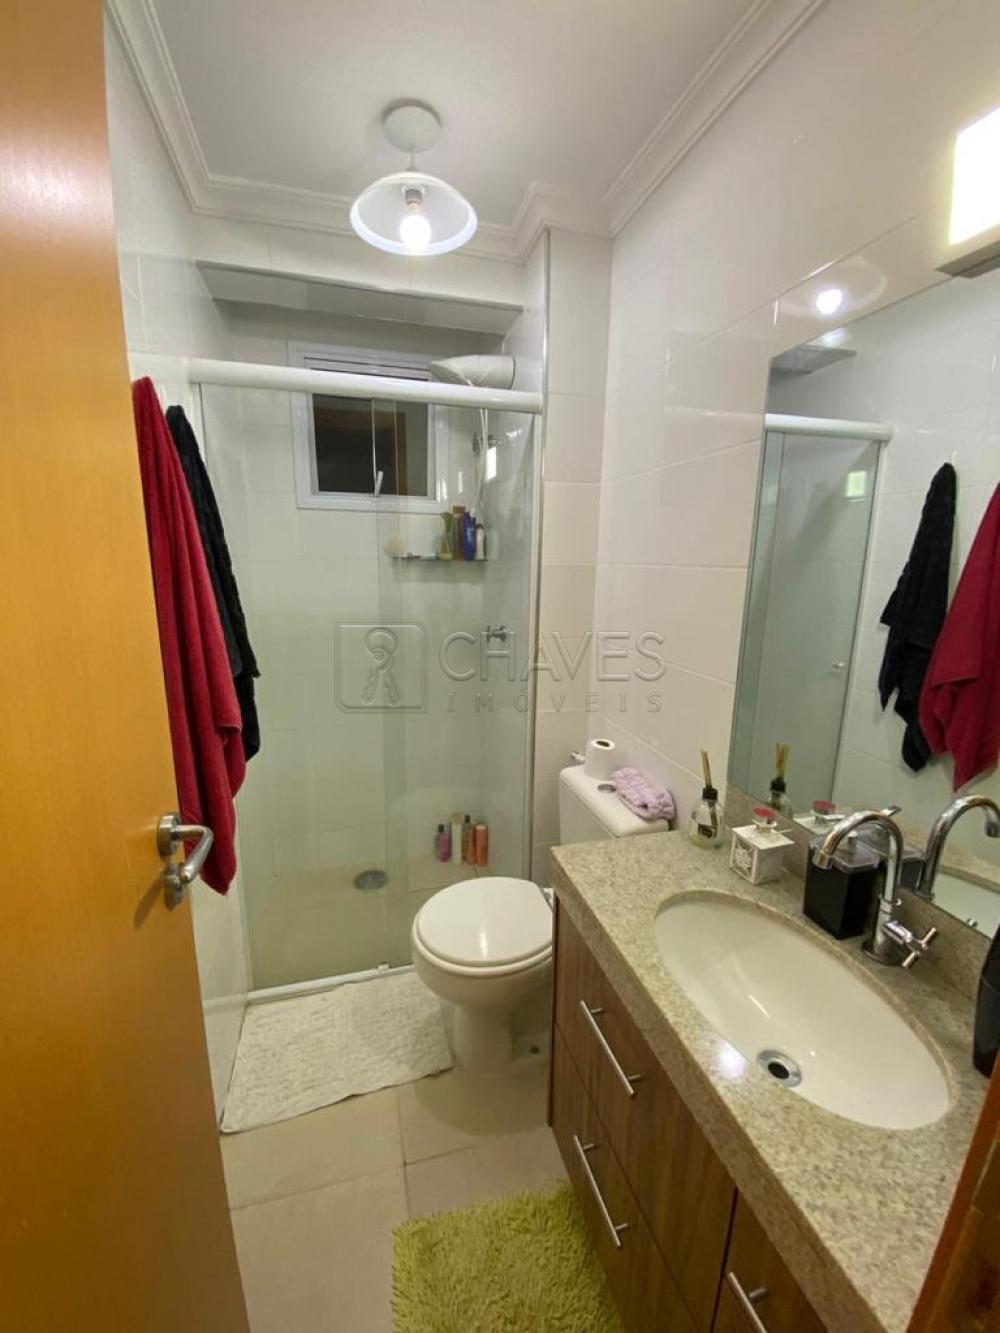 Comprar Apartamento / Padrão em Ribeirão Preto apenas R$ 500.000,00 - Foto 10